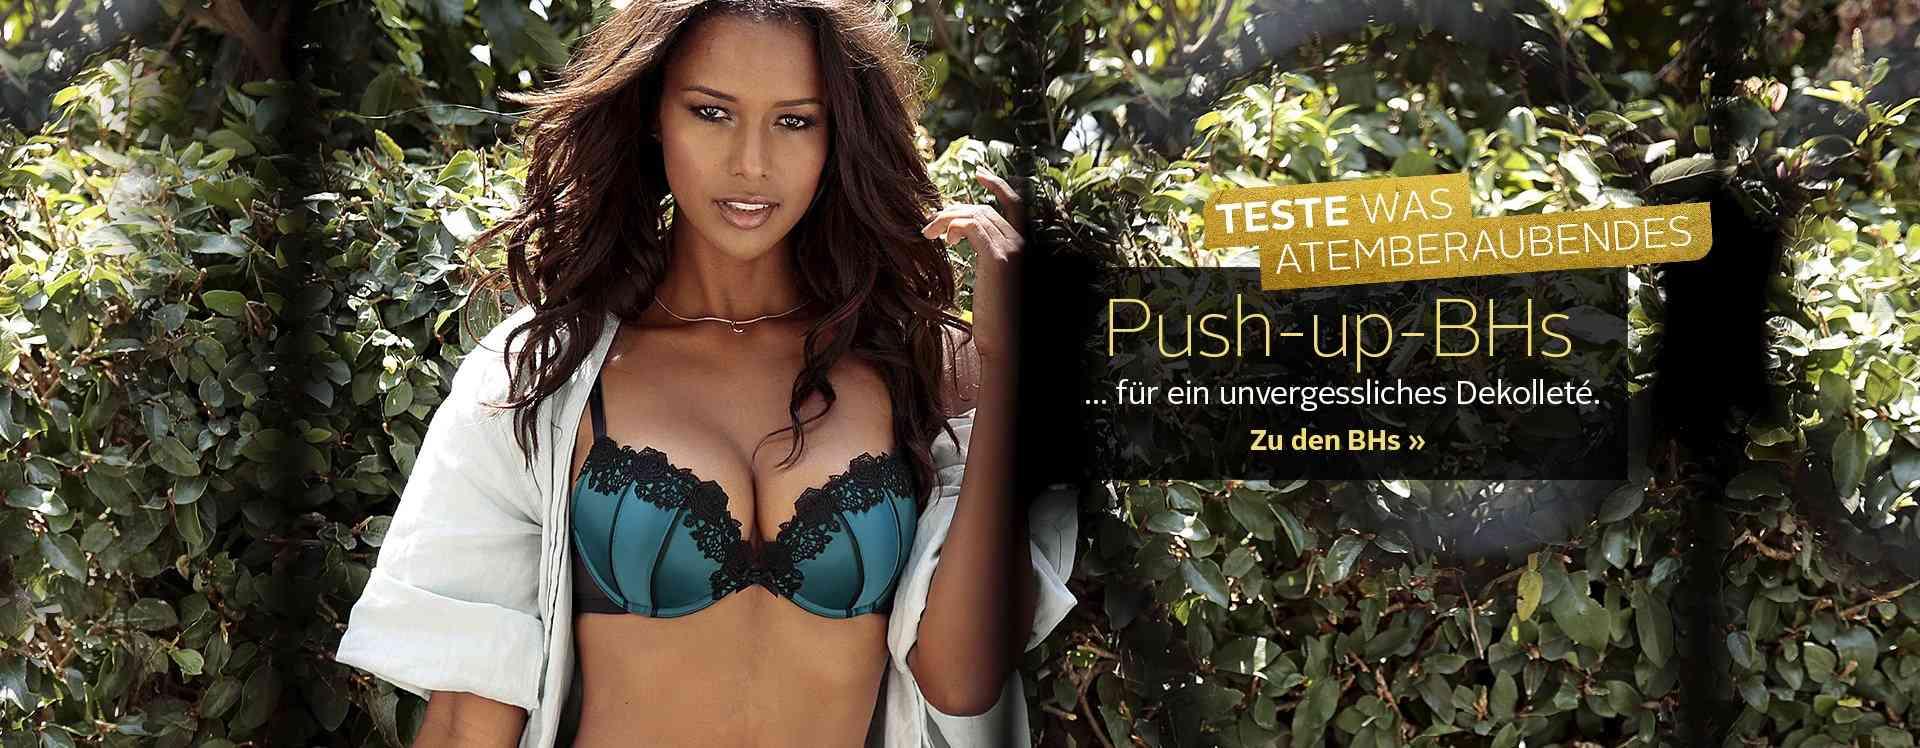 Push-up-BHs zaubern ein tolles Dekolleté. Sie heben die Büste und lassen sie optisch größer wirken. Entdecken Sie unsere bunte Vielfalt an Push-up-BHs.